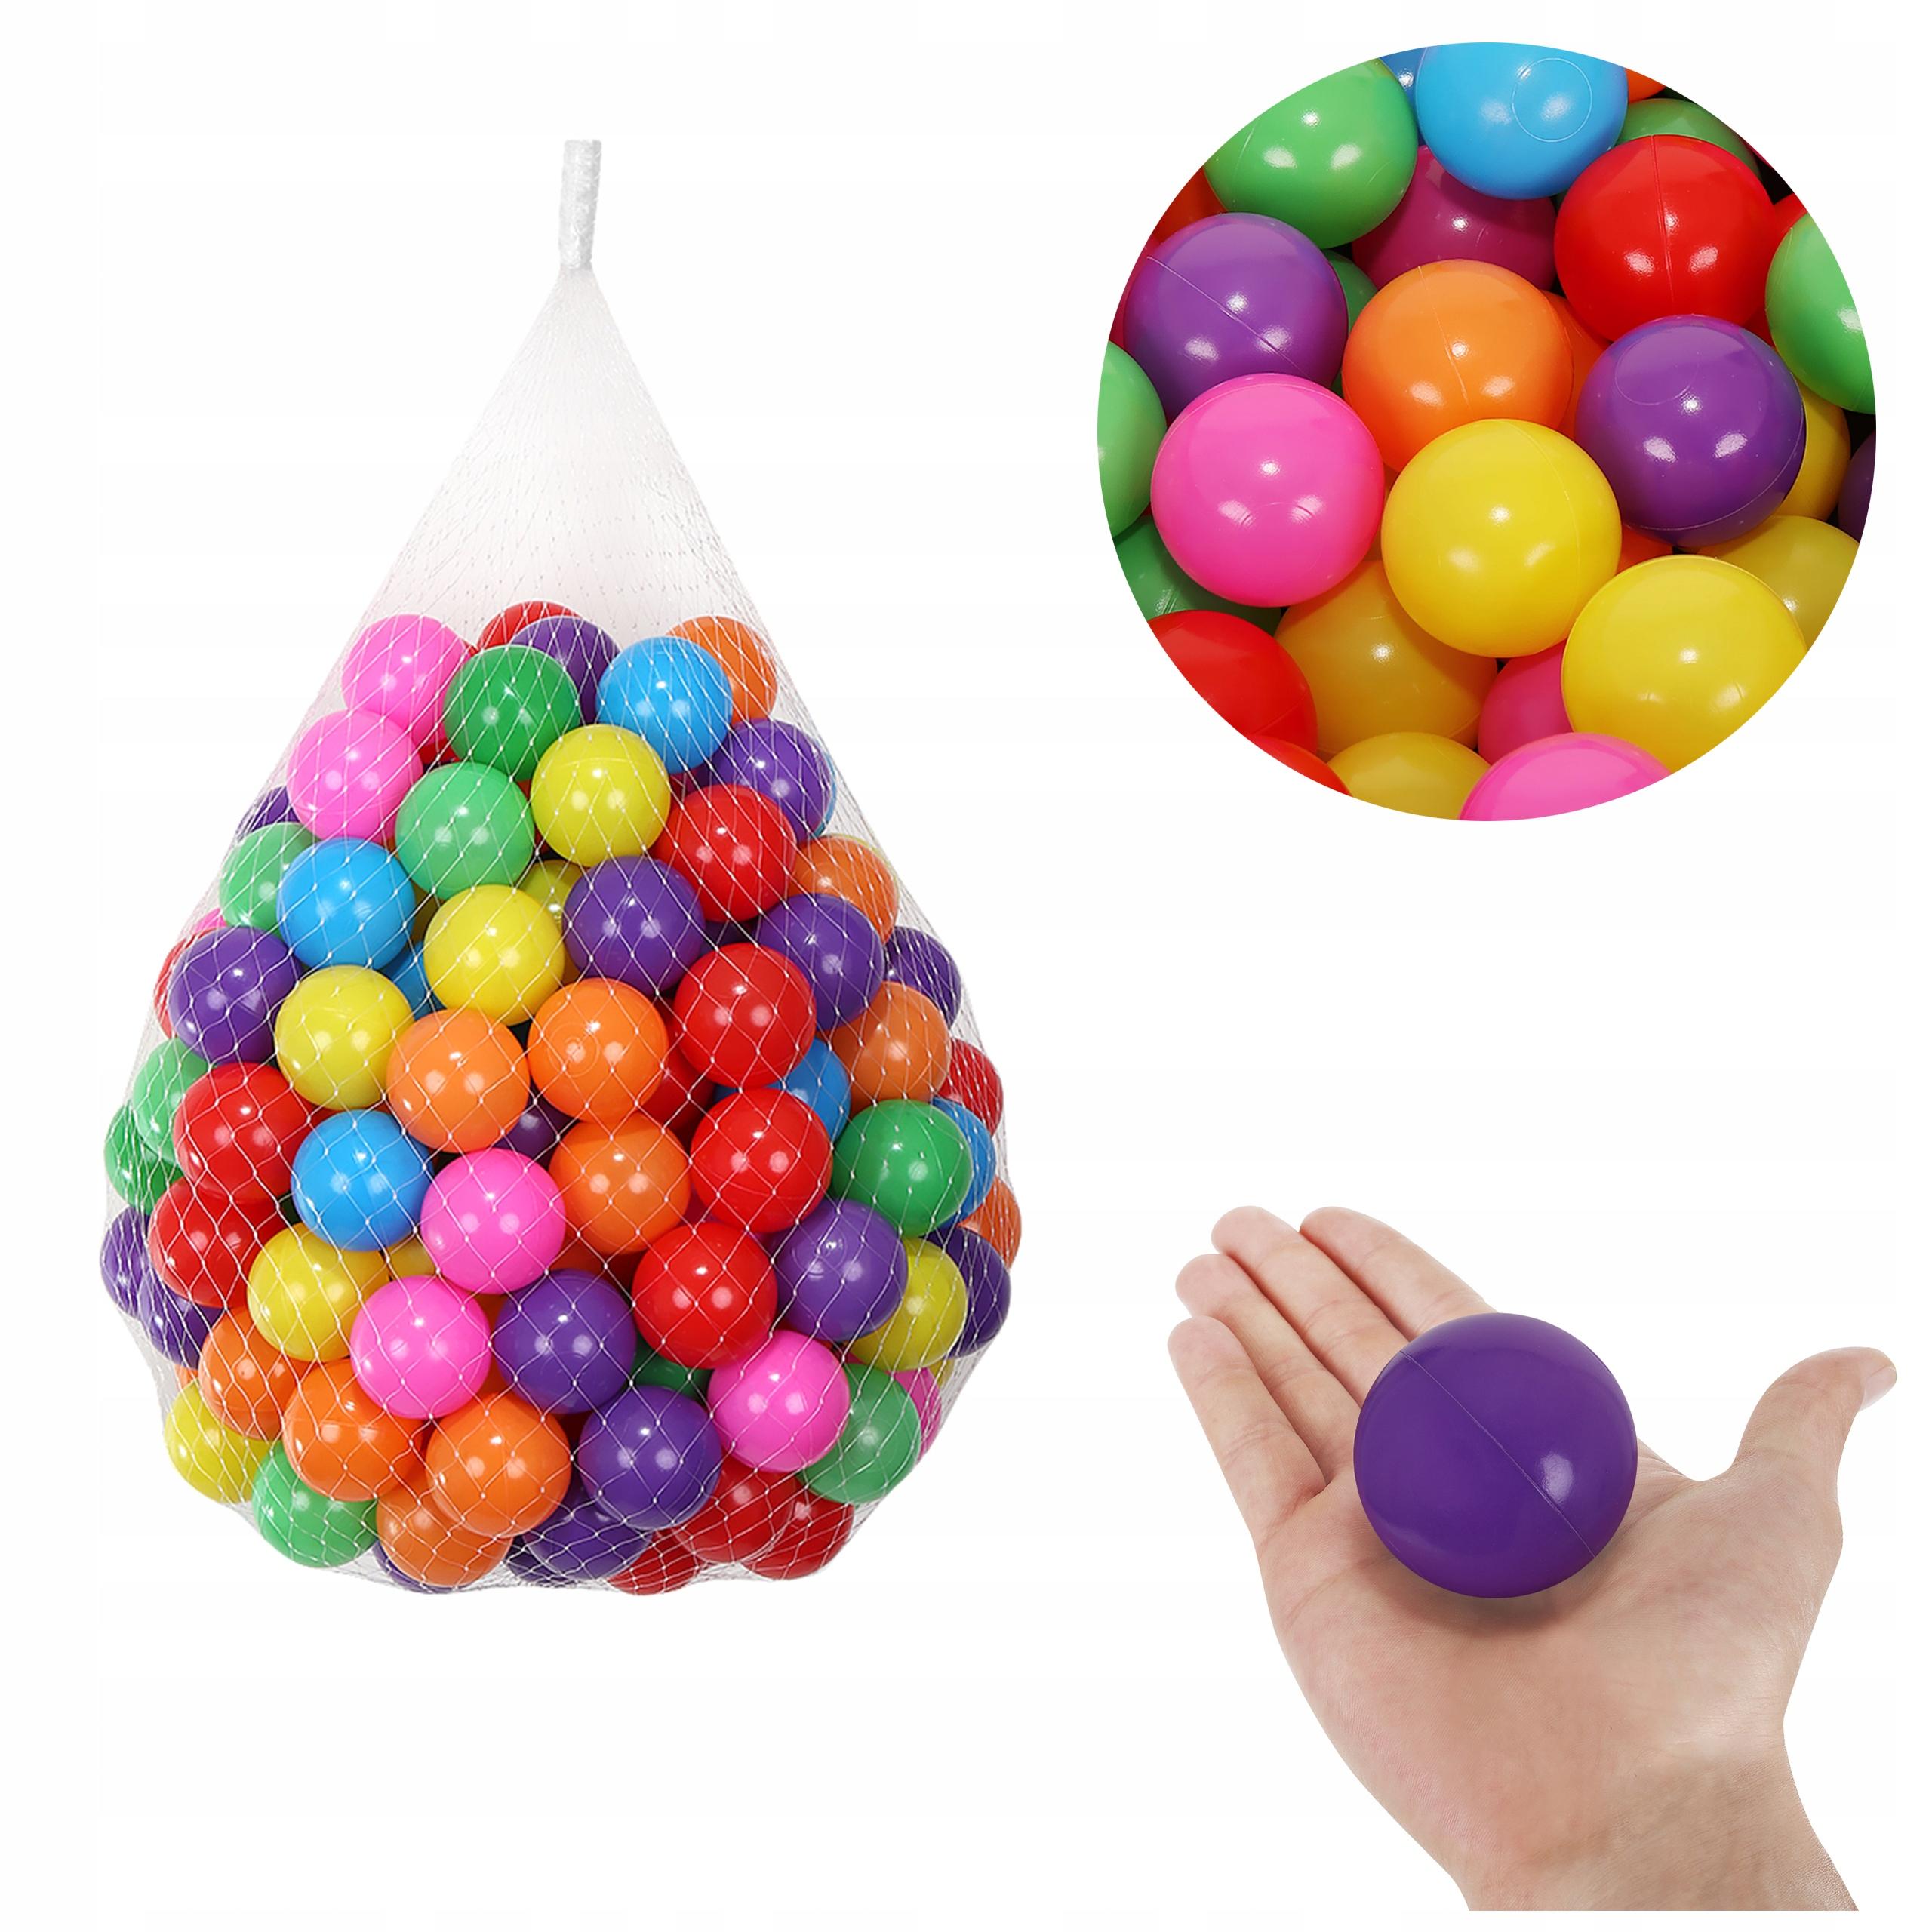 Мячи Мячи Мячи для сухого бассейна манежа x 200